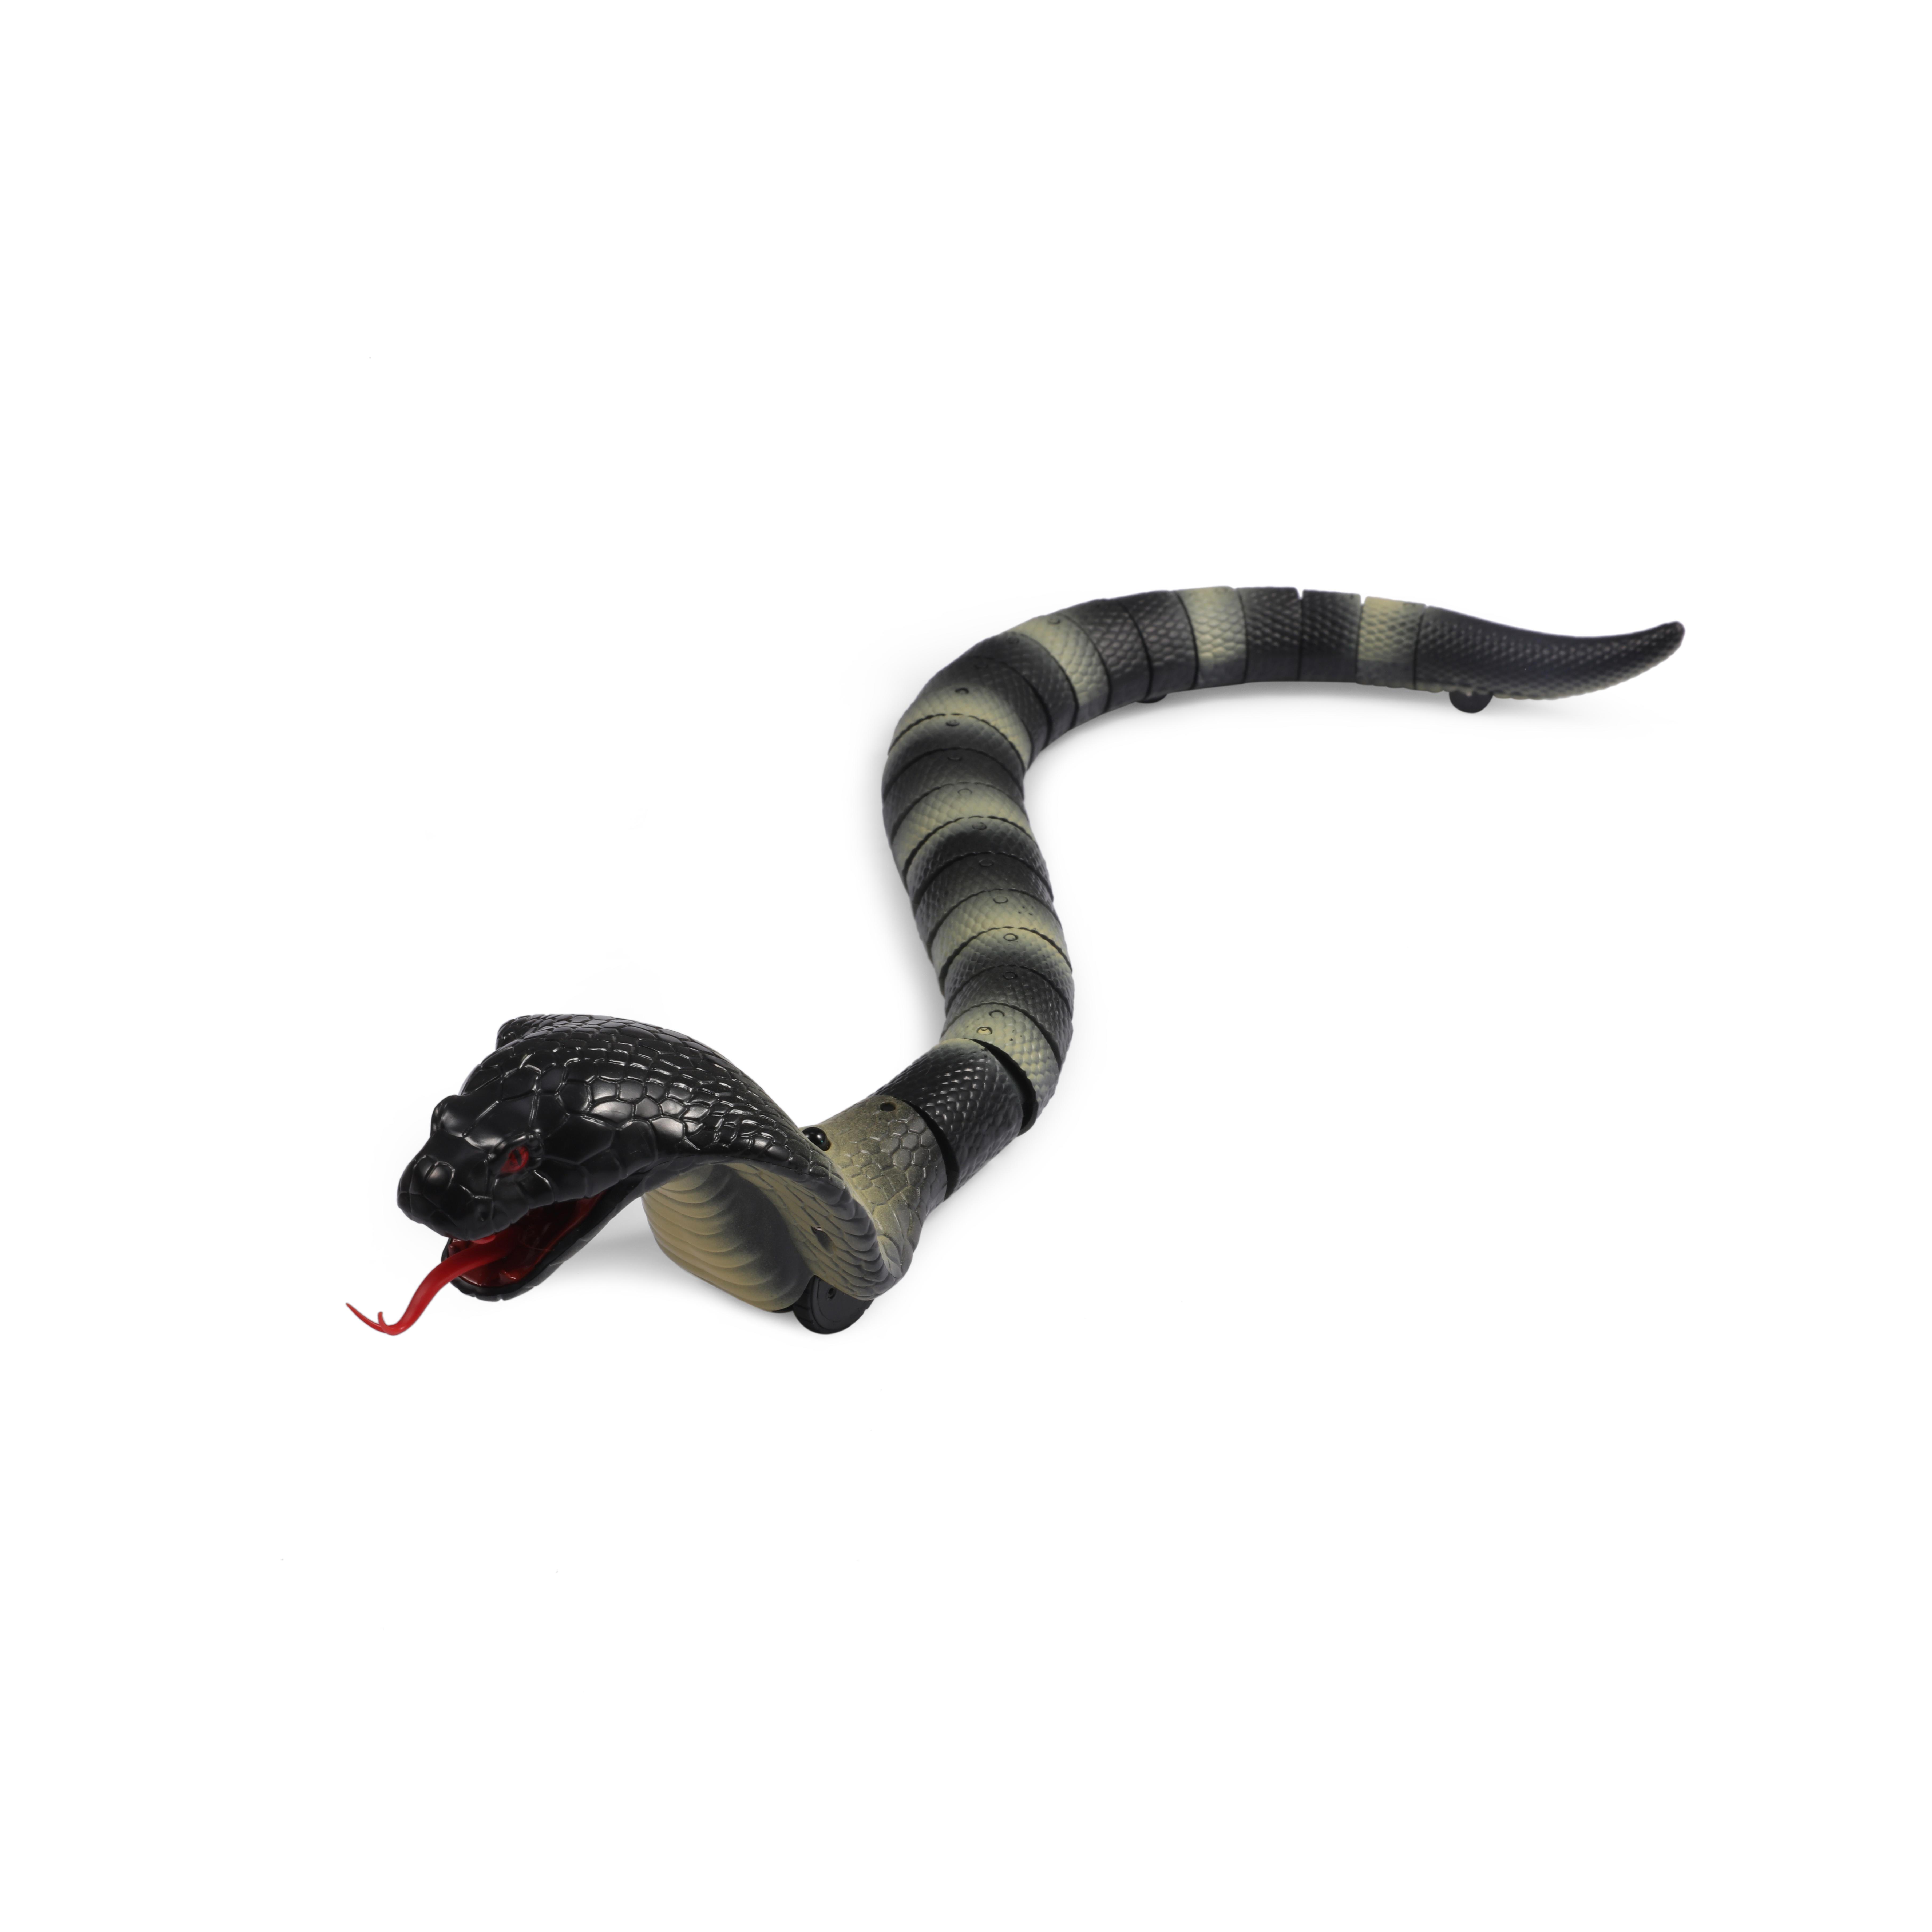 Игрушка змея на дистанционном управлении фото